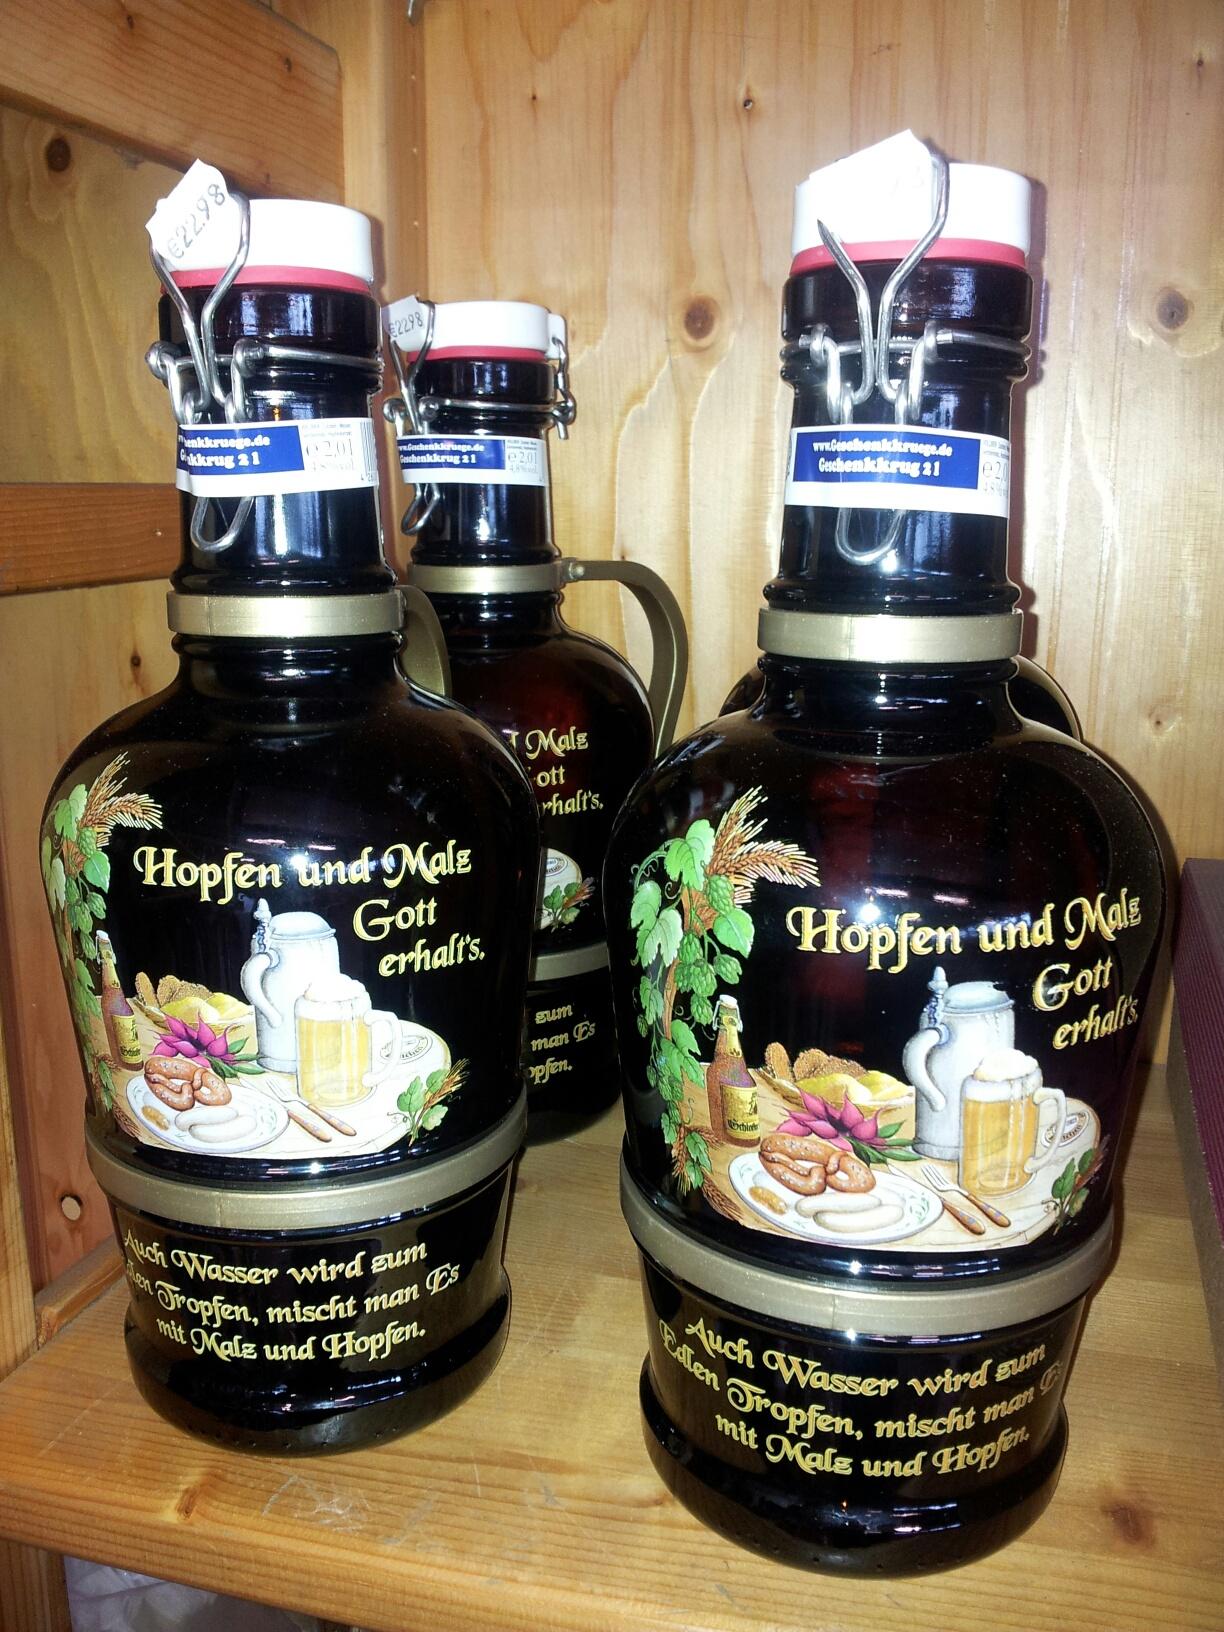 Neues in unserem getr nkestadl peter koch for Koch 300 biersorten fulda